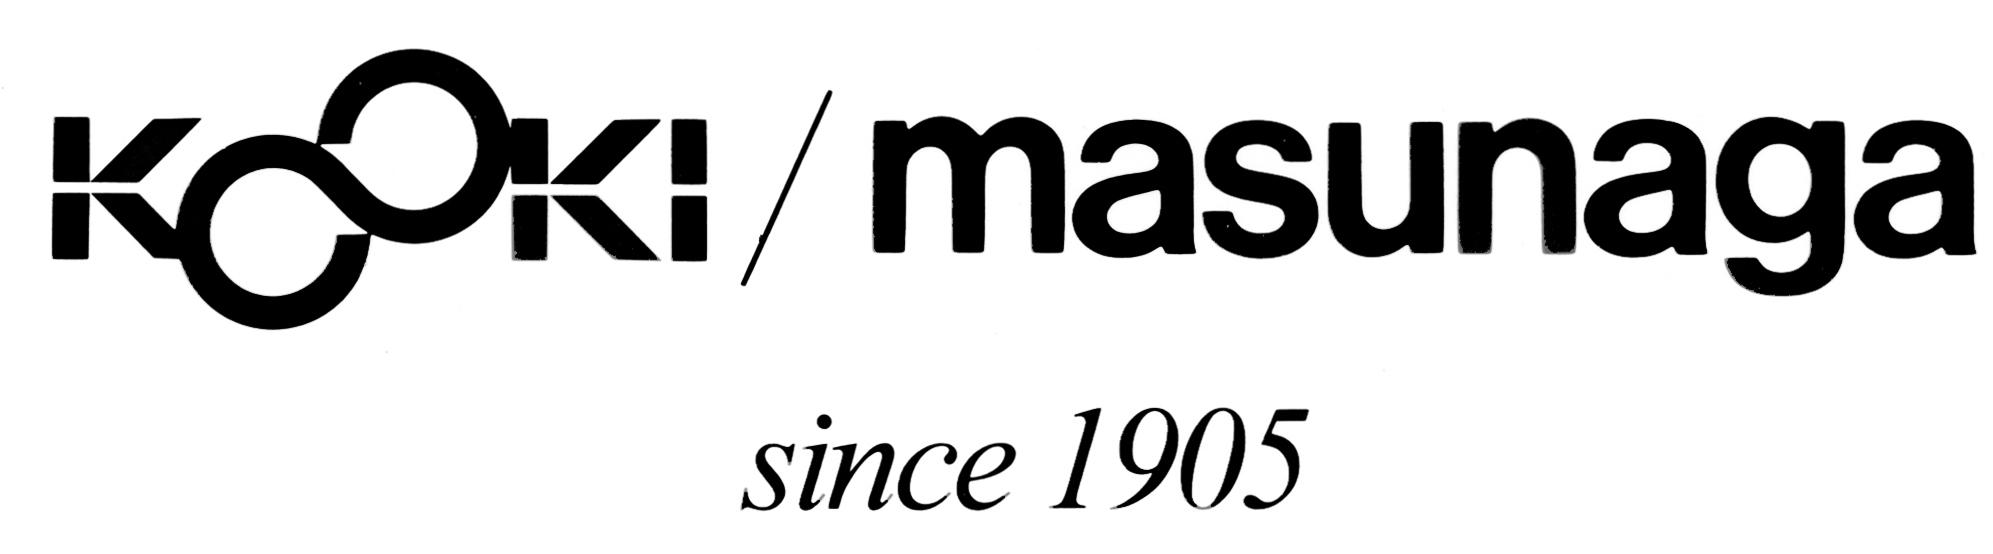 kooki masunaga logo